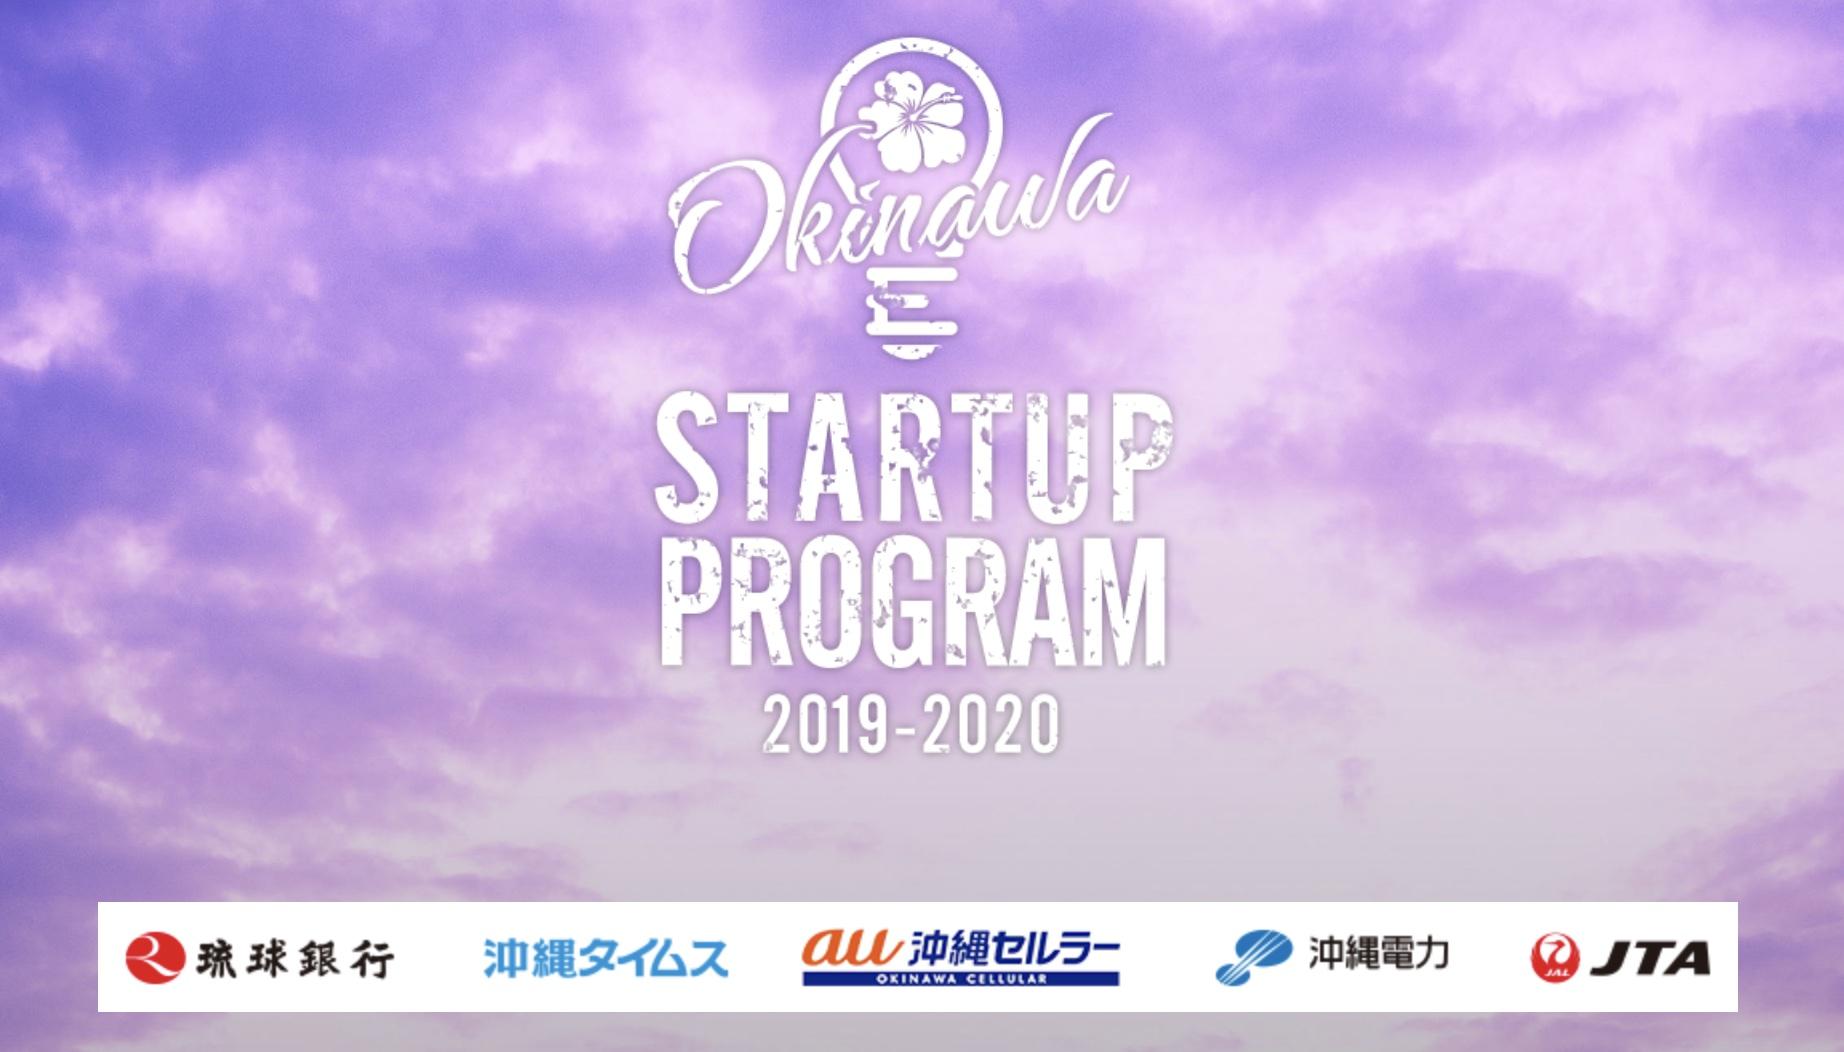 沖縄発スタートアップの創出・育成プログラム「OKINAWA STARTUP PROGRAM 2019-2020」がスタート